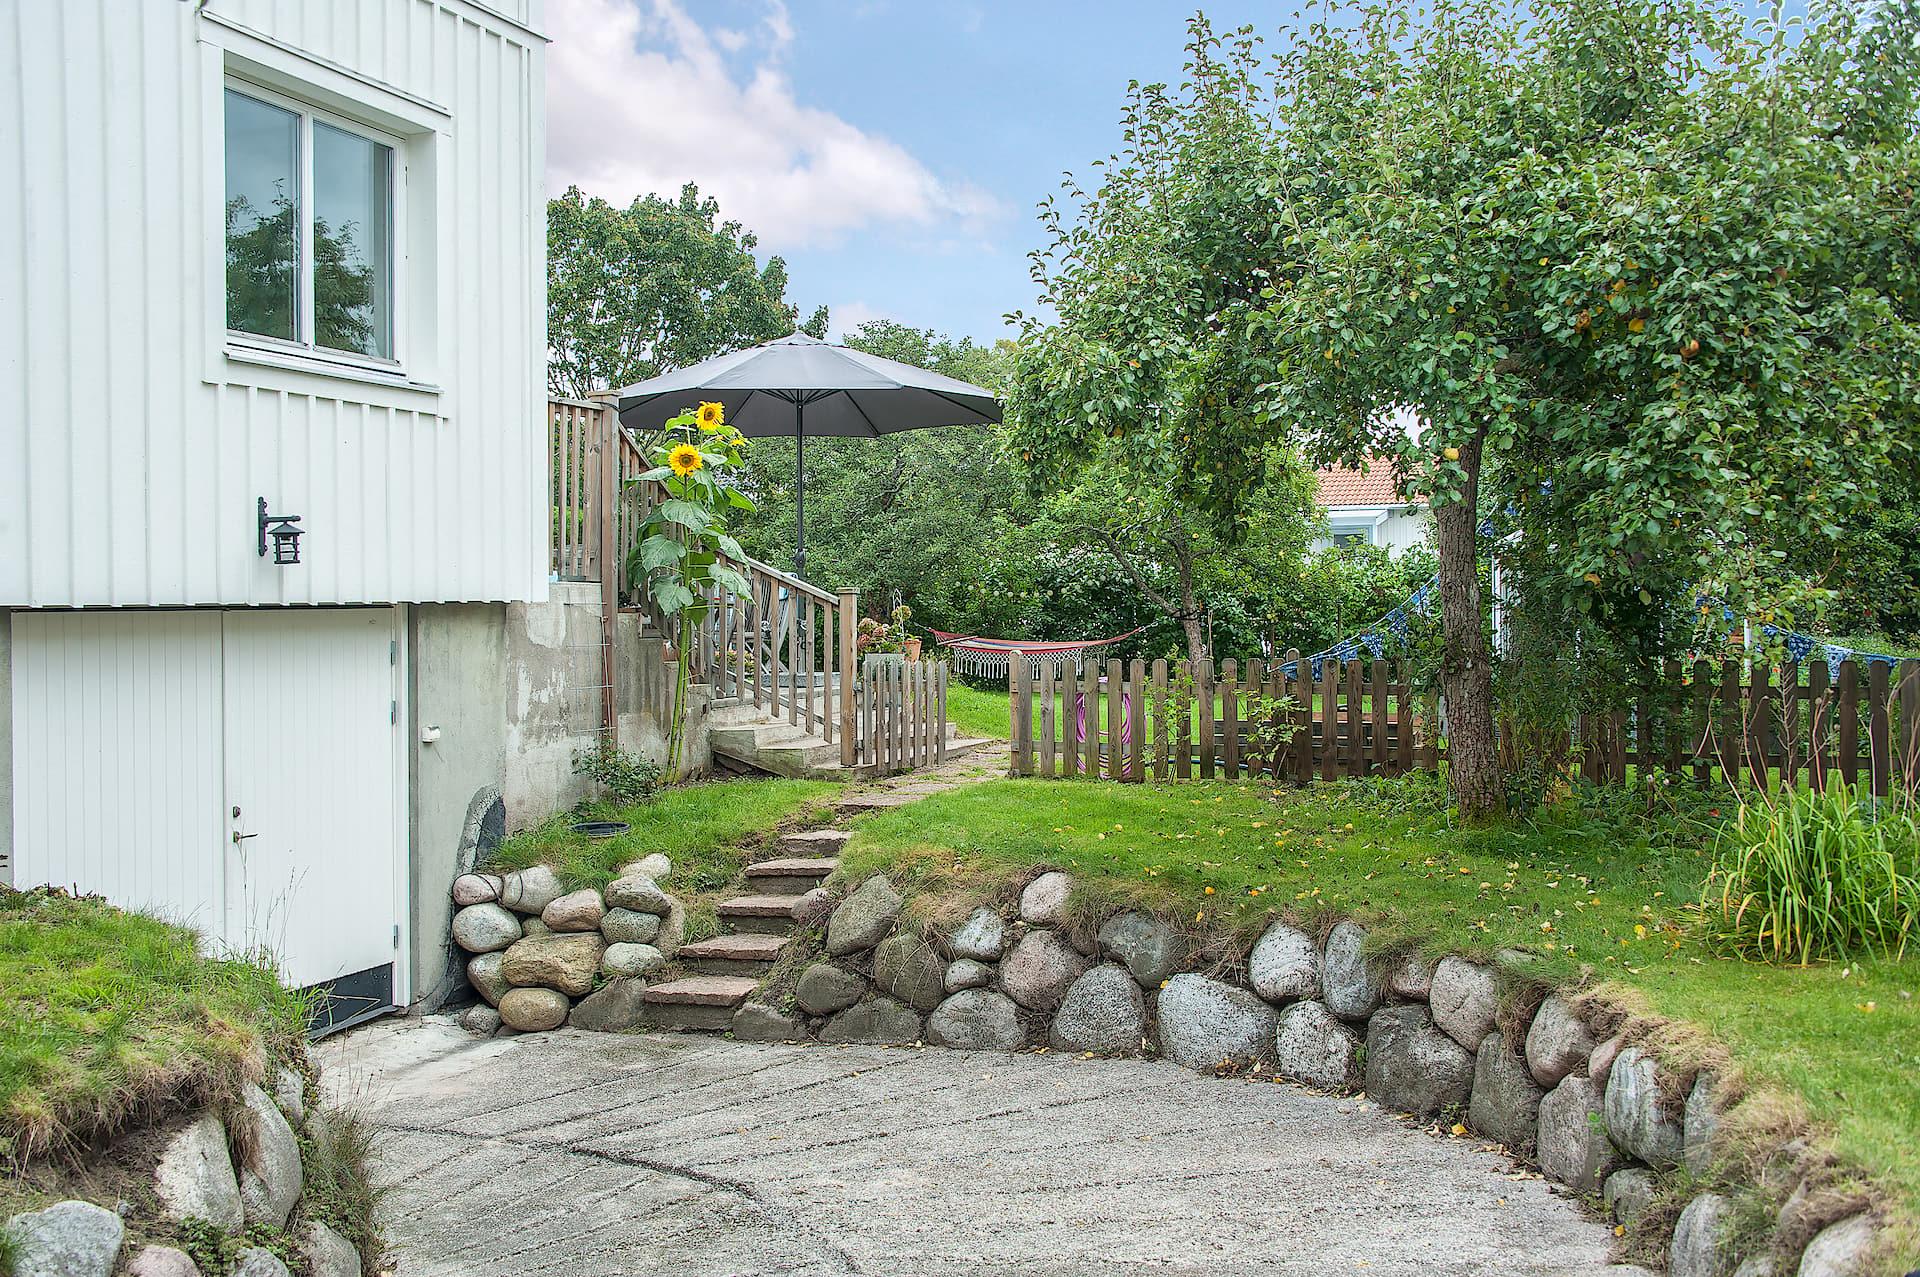 загородный дом участок ландшафт газон отмостка забор